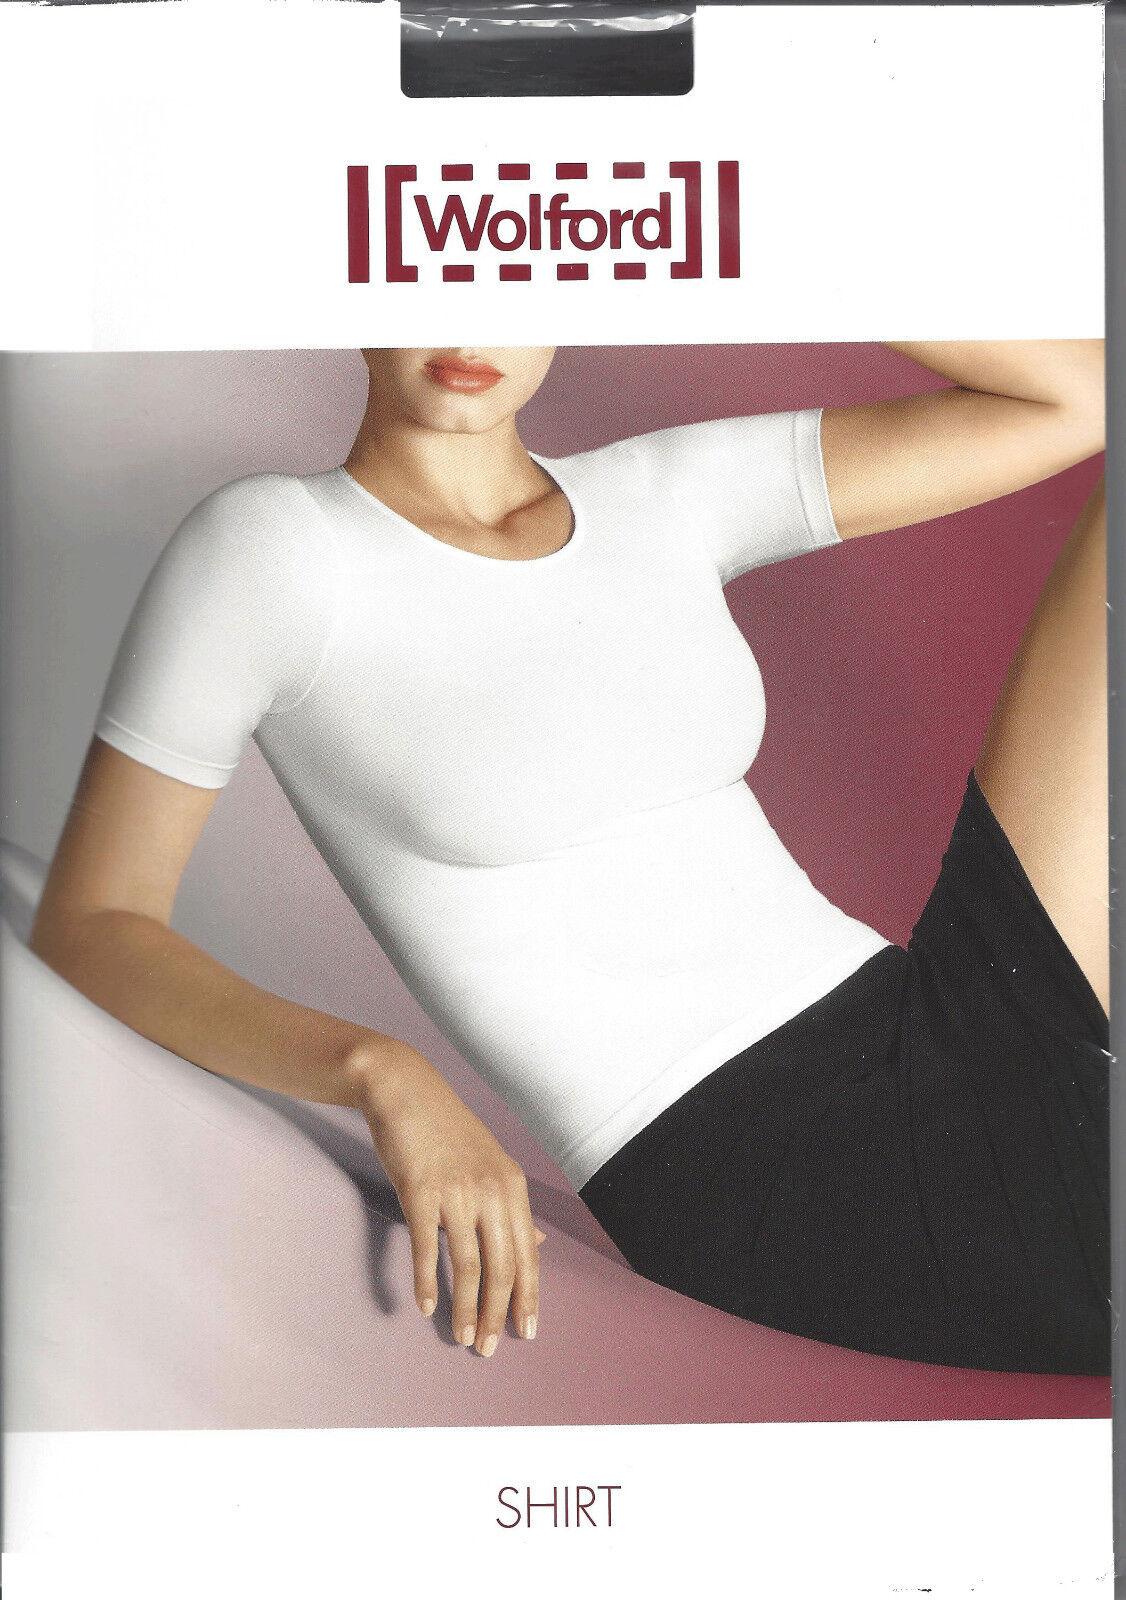 SALE • WOLFORD Kurzarm Shirt • white • ohne Box   ... mit Rundhals Dekollete